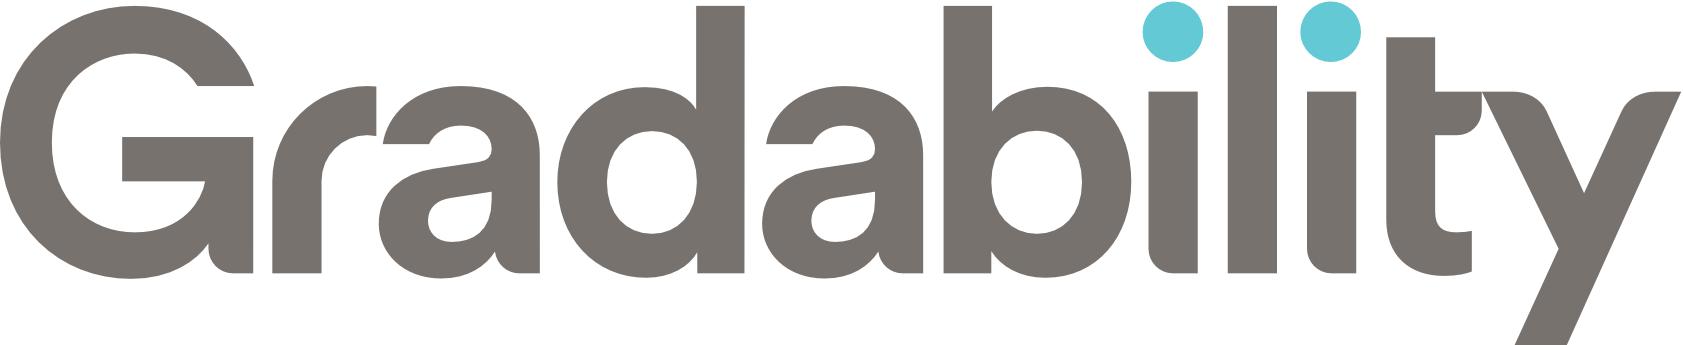 Gradability logo